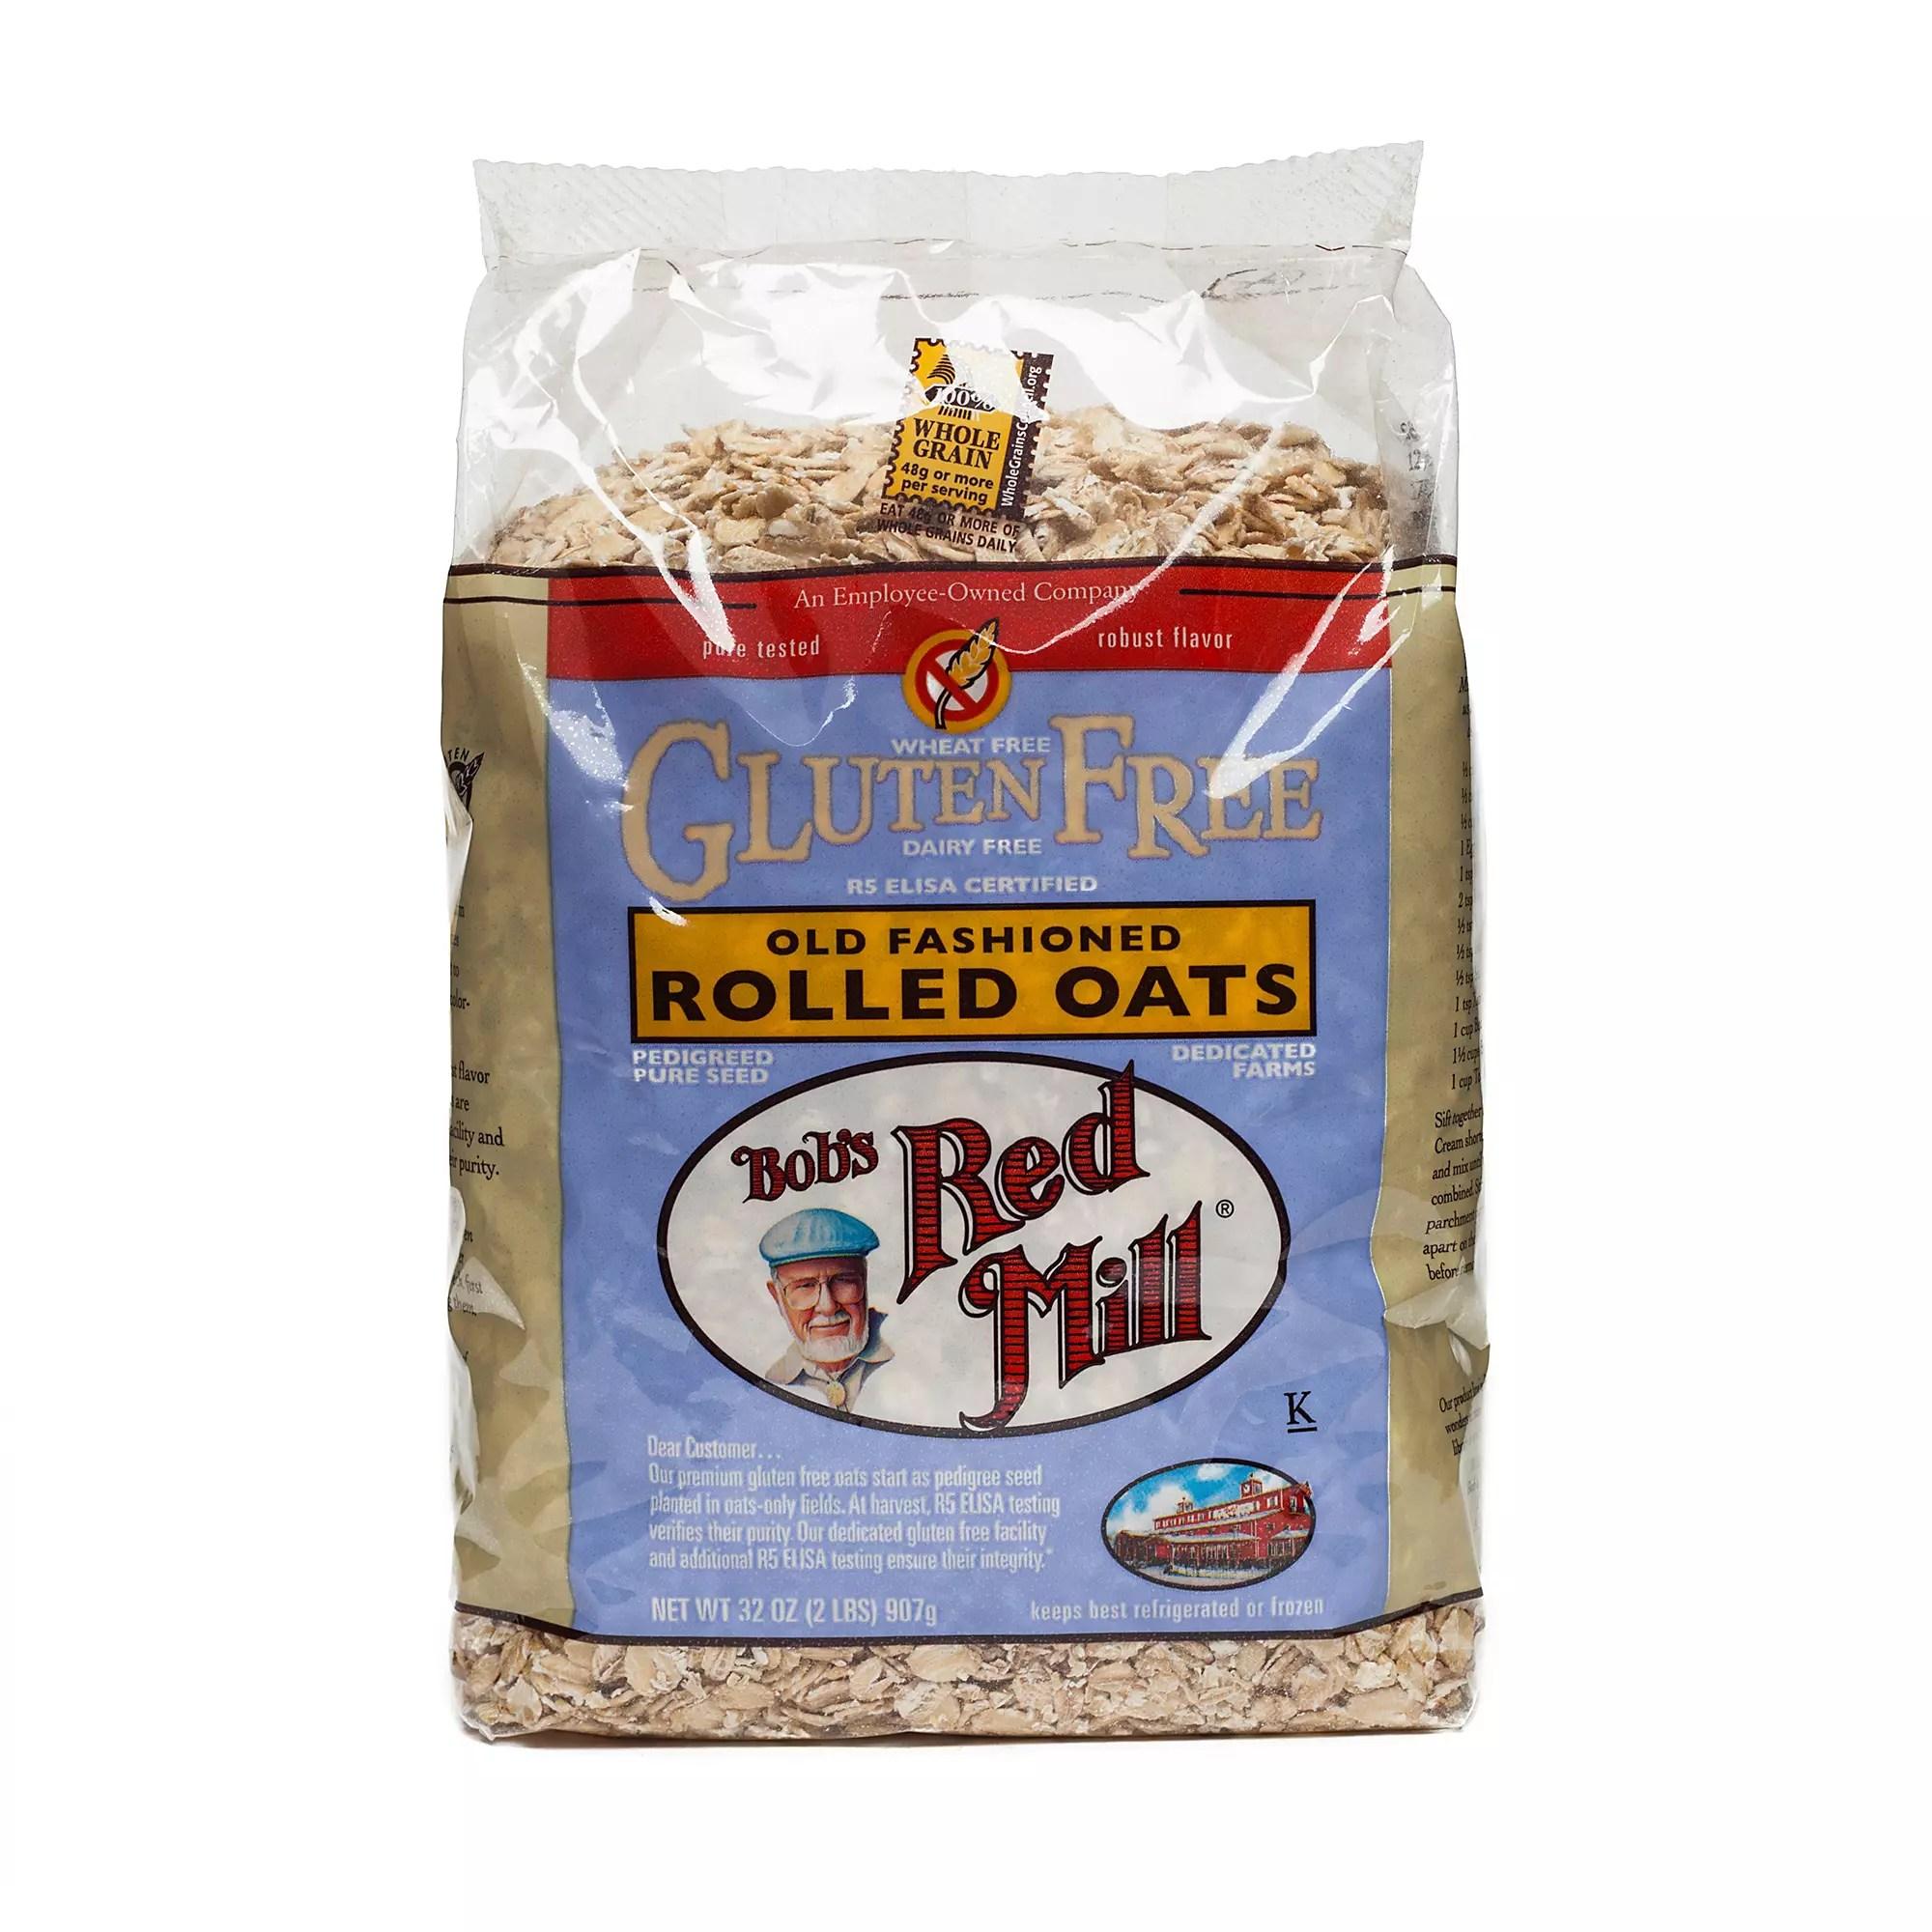 Gluten Free Rolled Oats